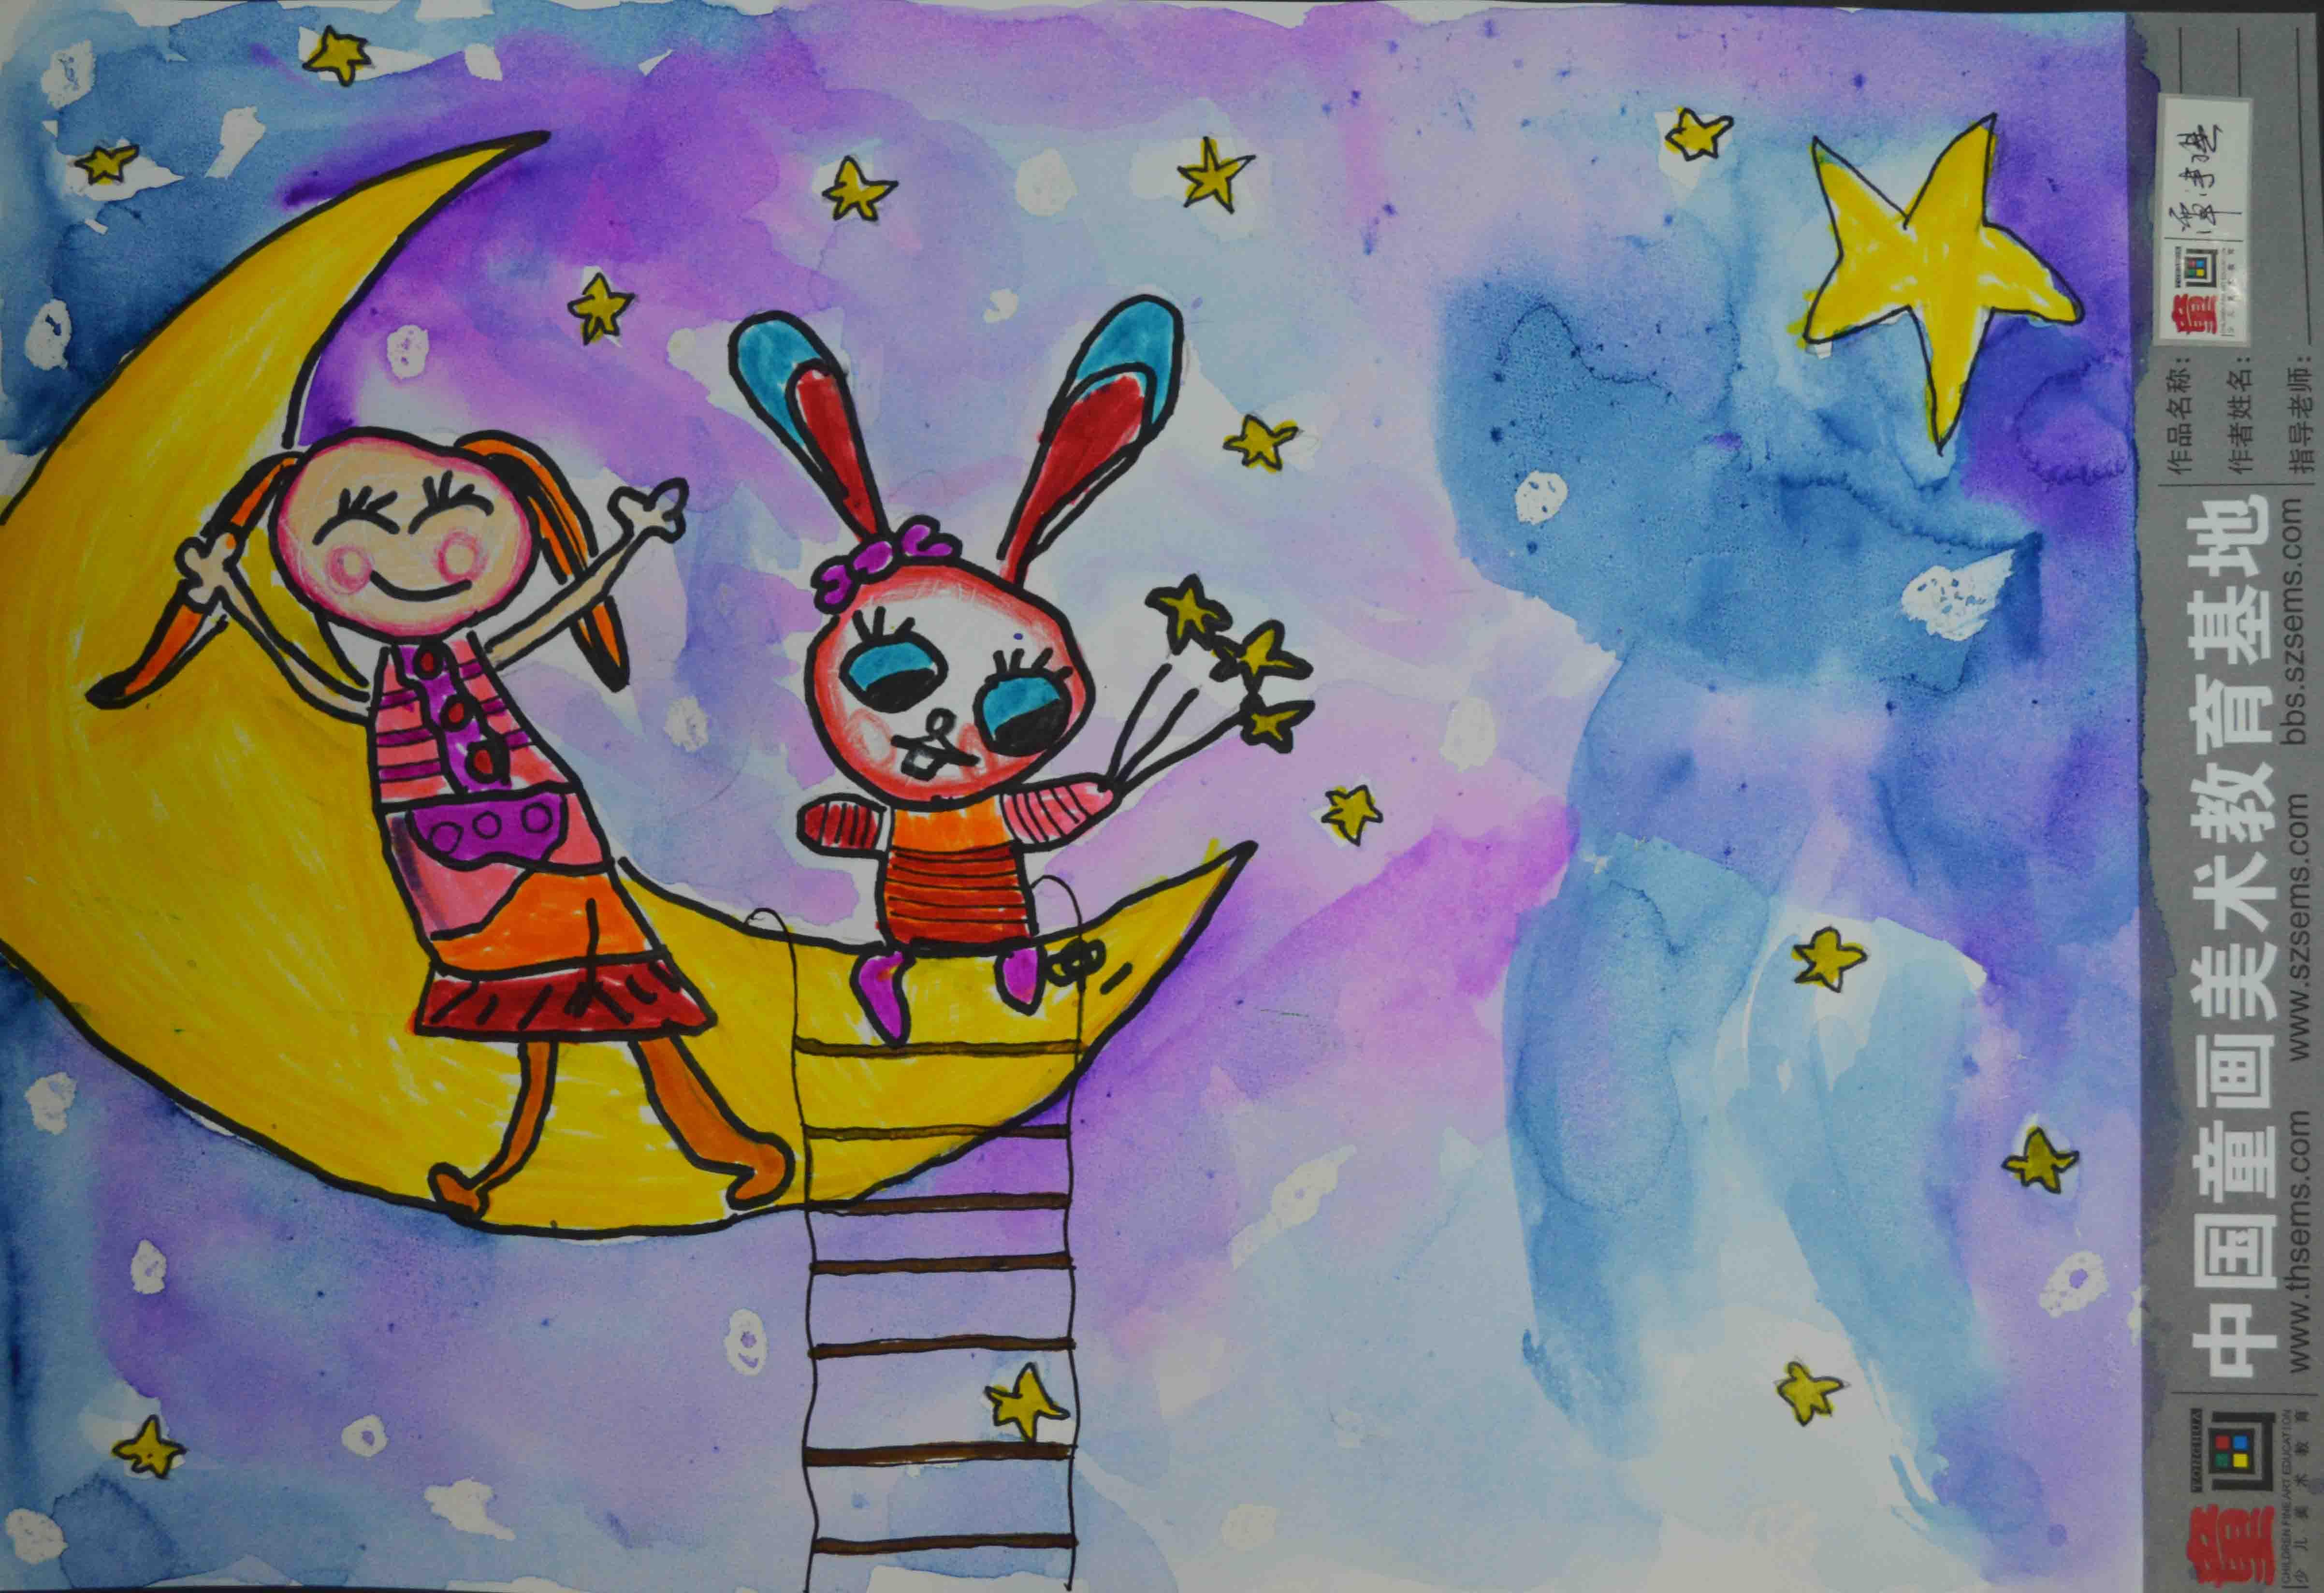 安奈儿第四届全国亲子创意大赛_月亮兔子我_育儿网图片